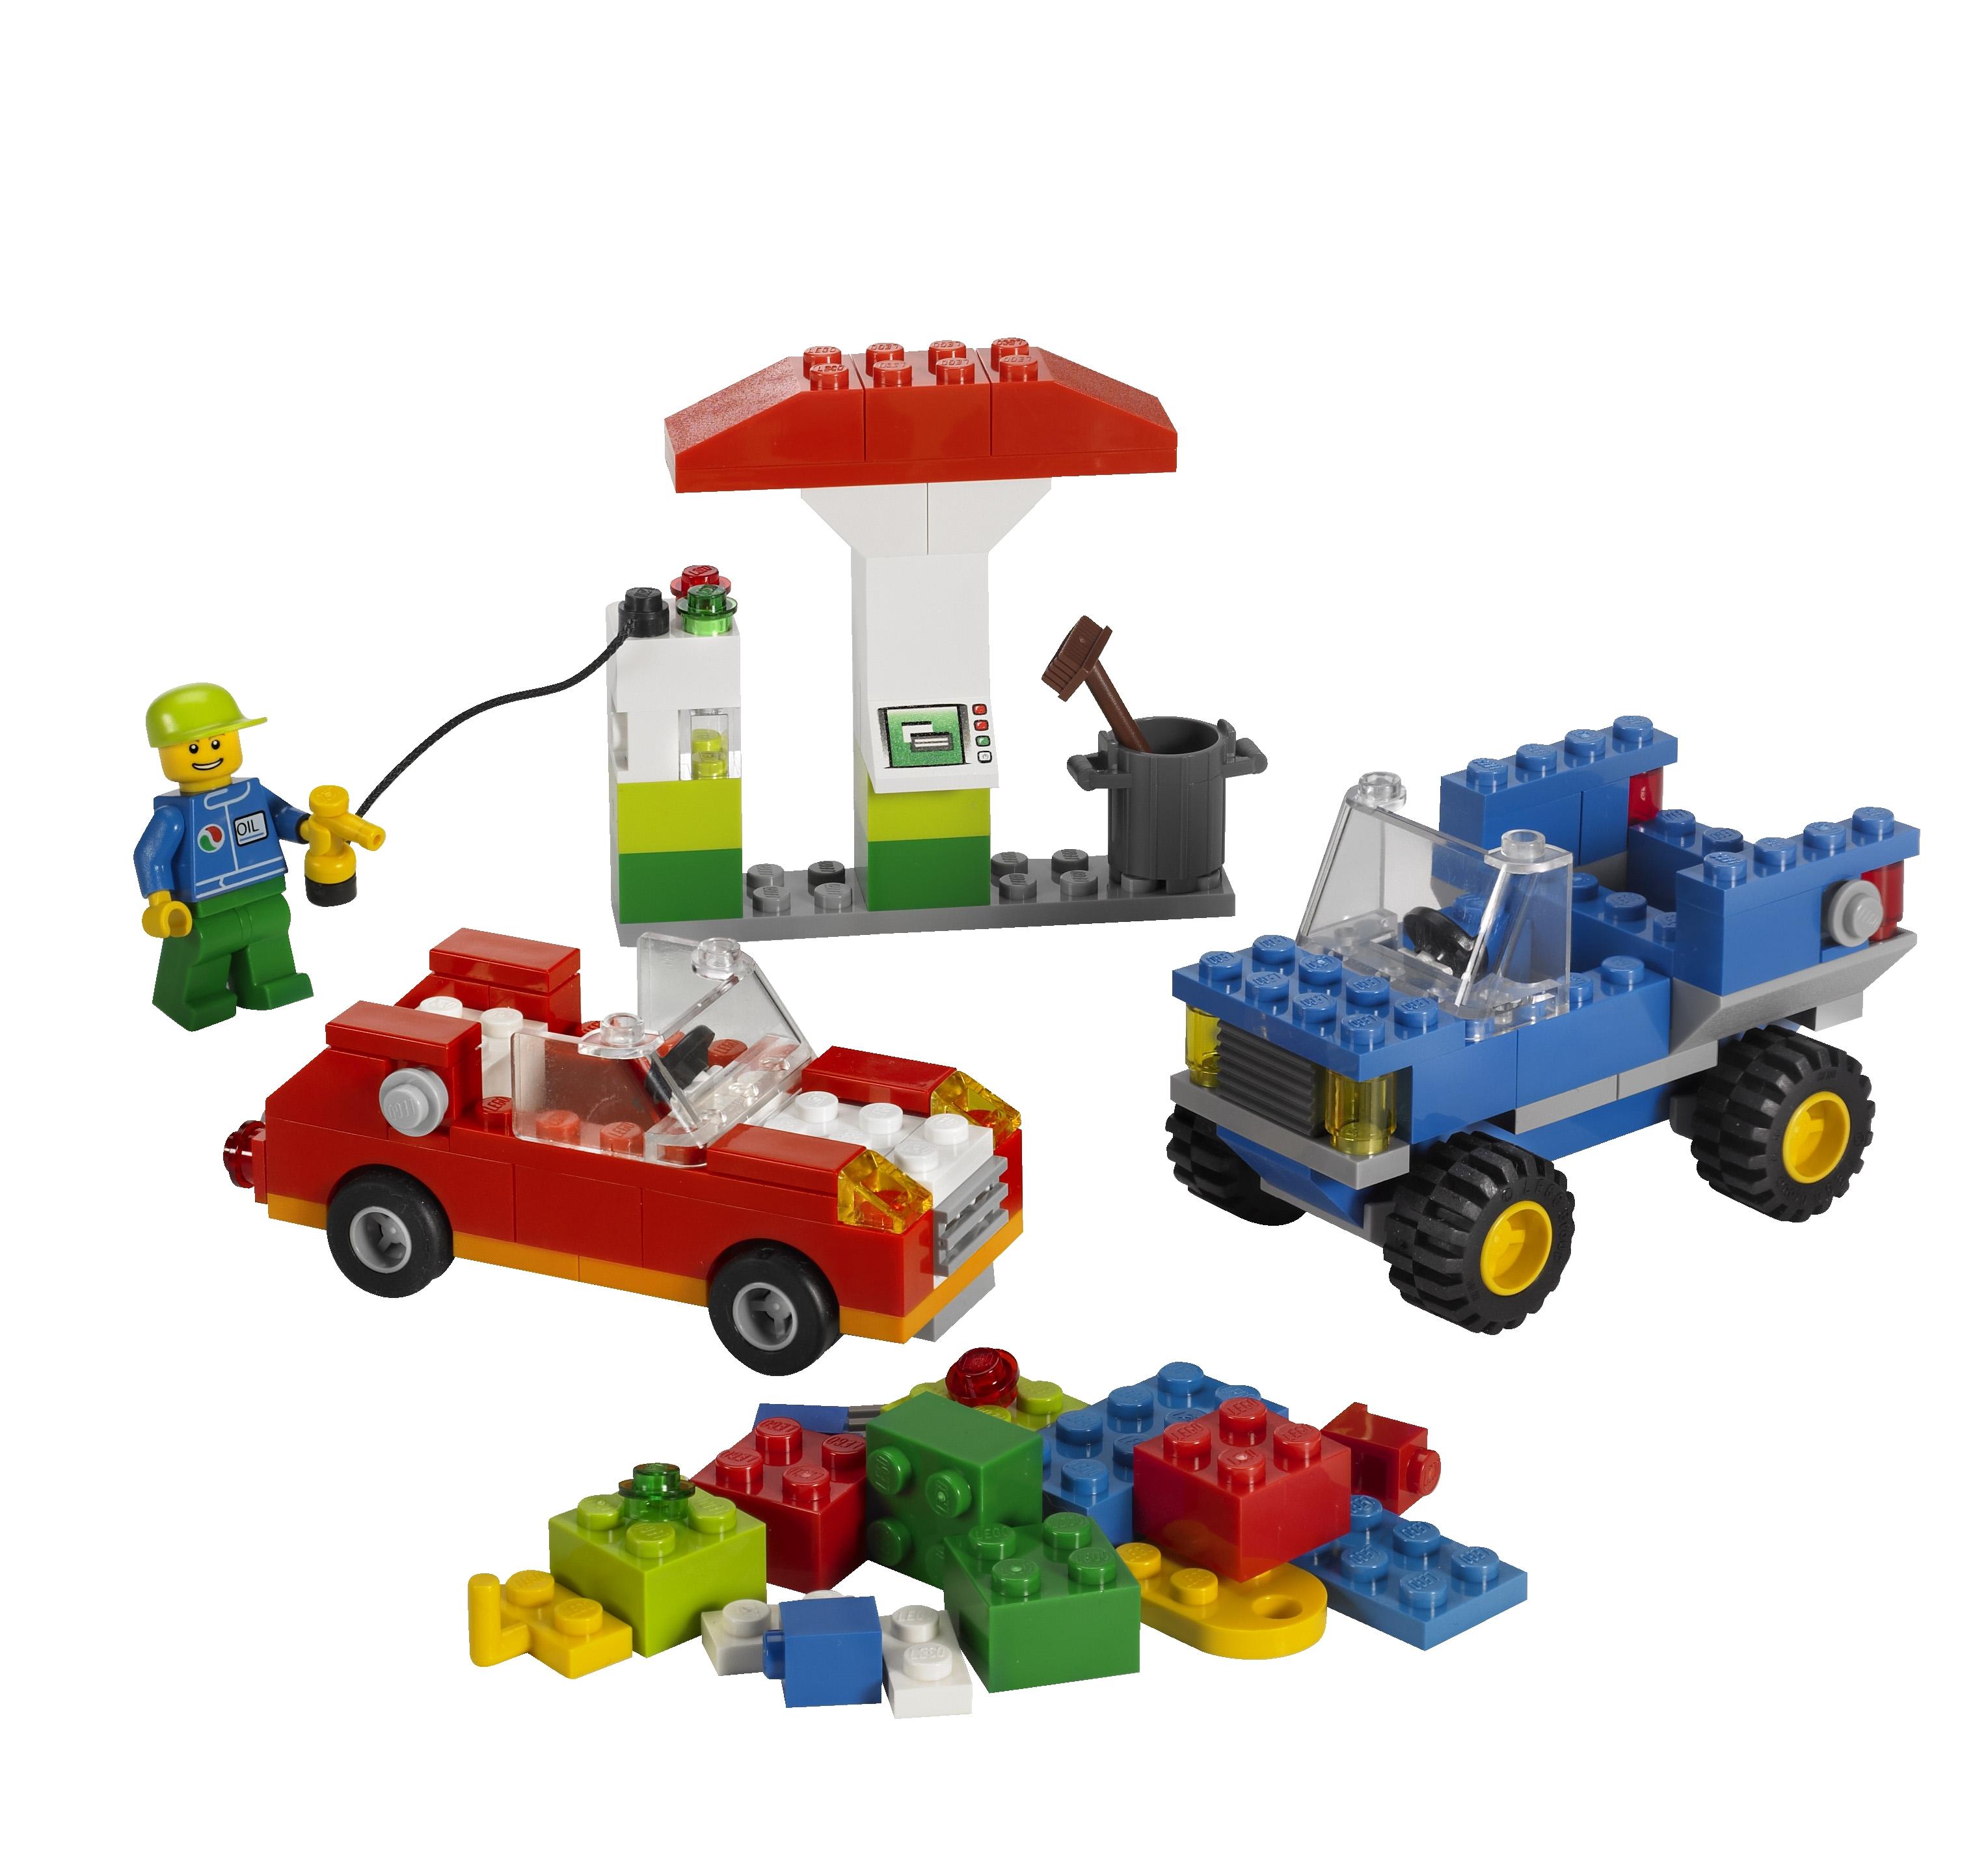 Legos clipart set. Free lego cliparts download